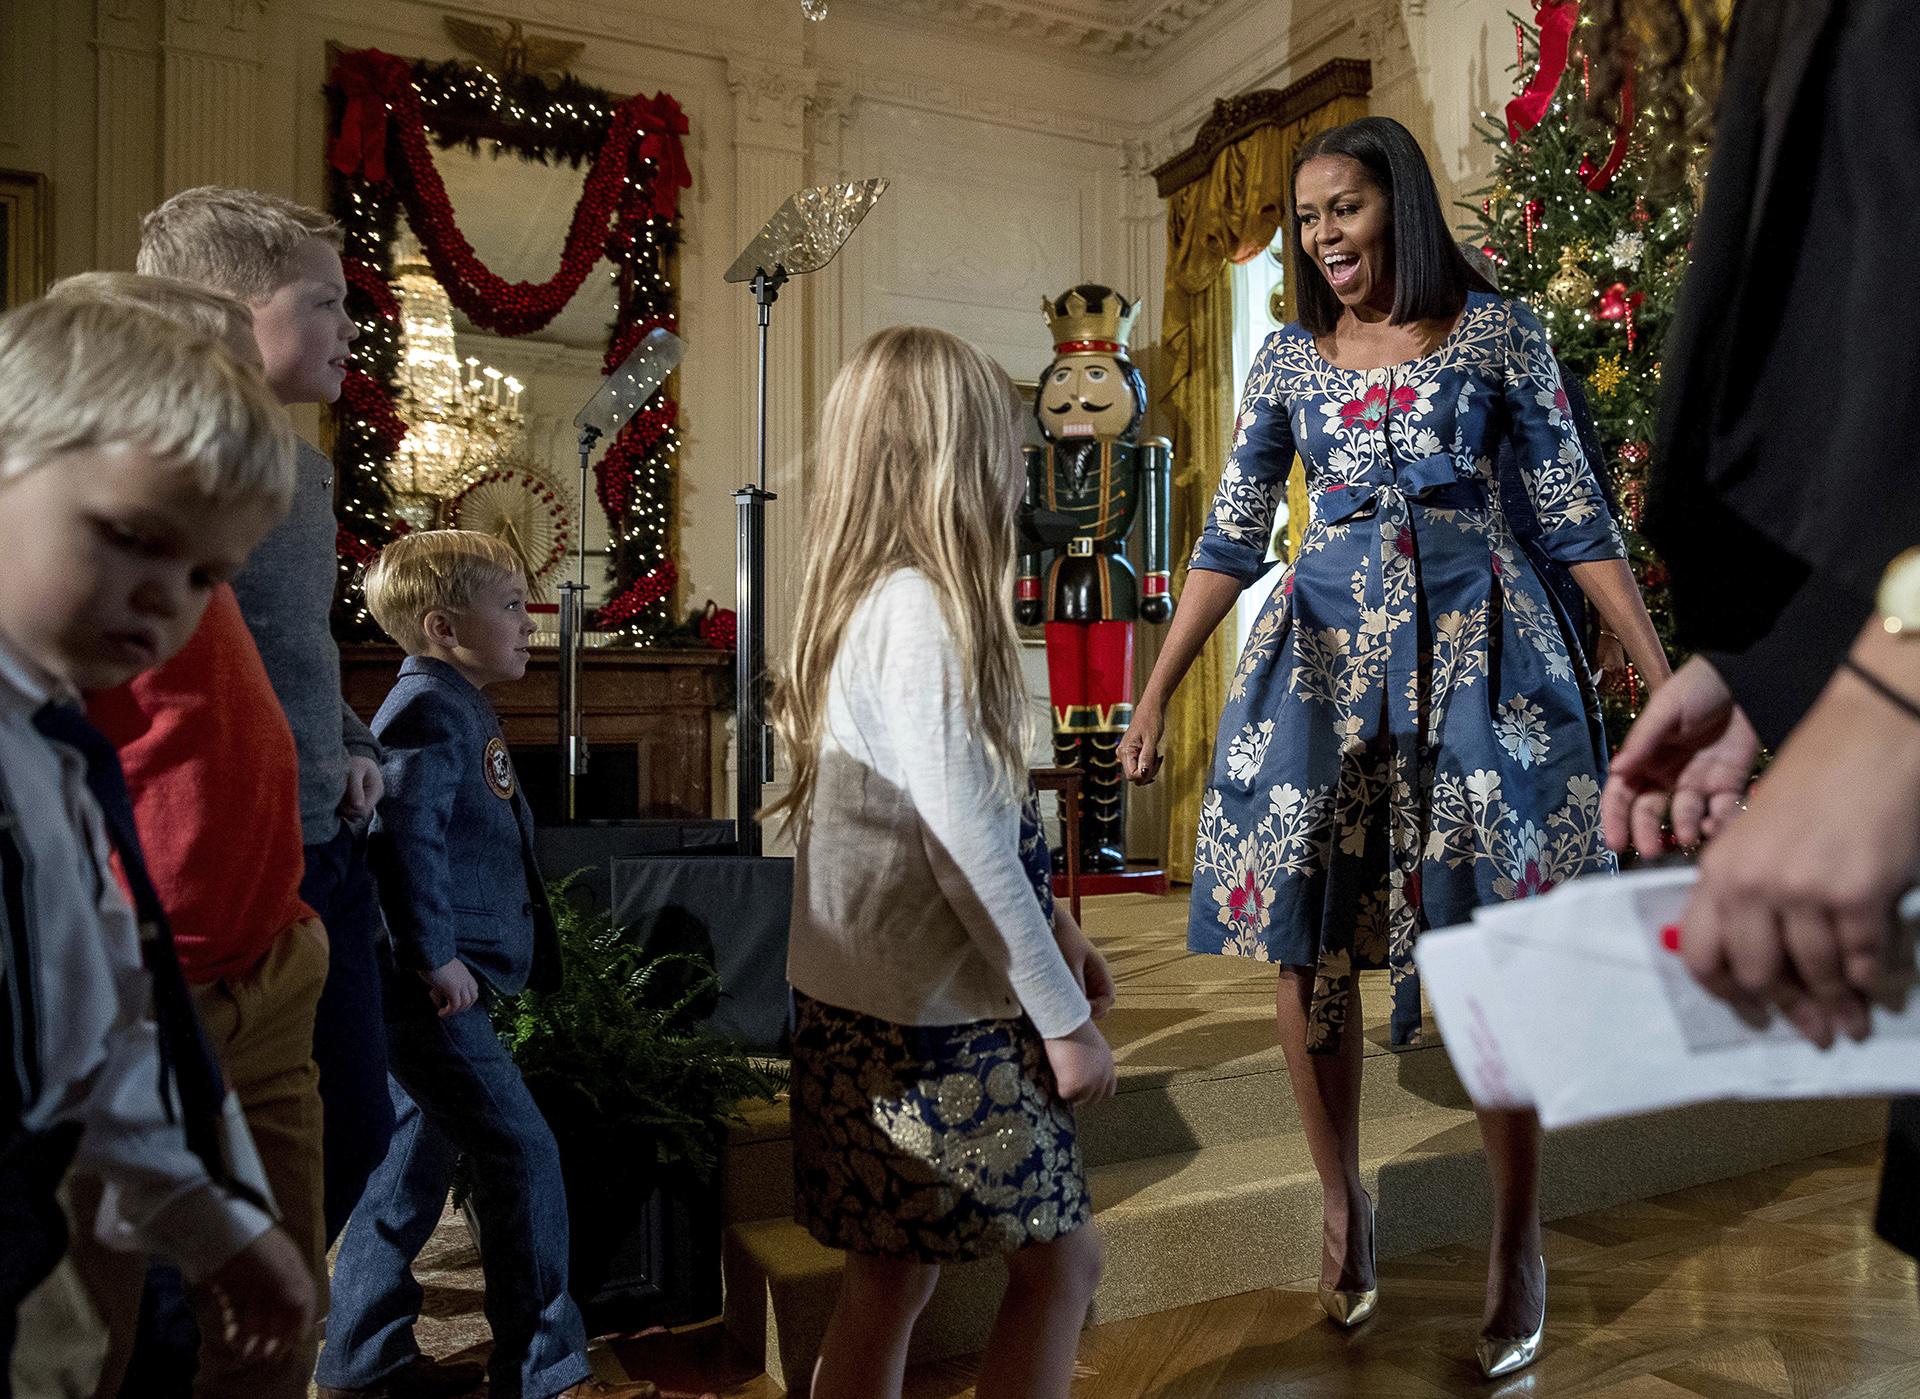 Michelle Obama recibió a familias de militares para que sean los primeros visitantes de la Casa Blanca que vean las decoraciones navideñas de este año